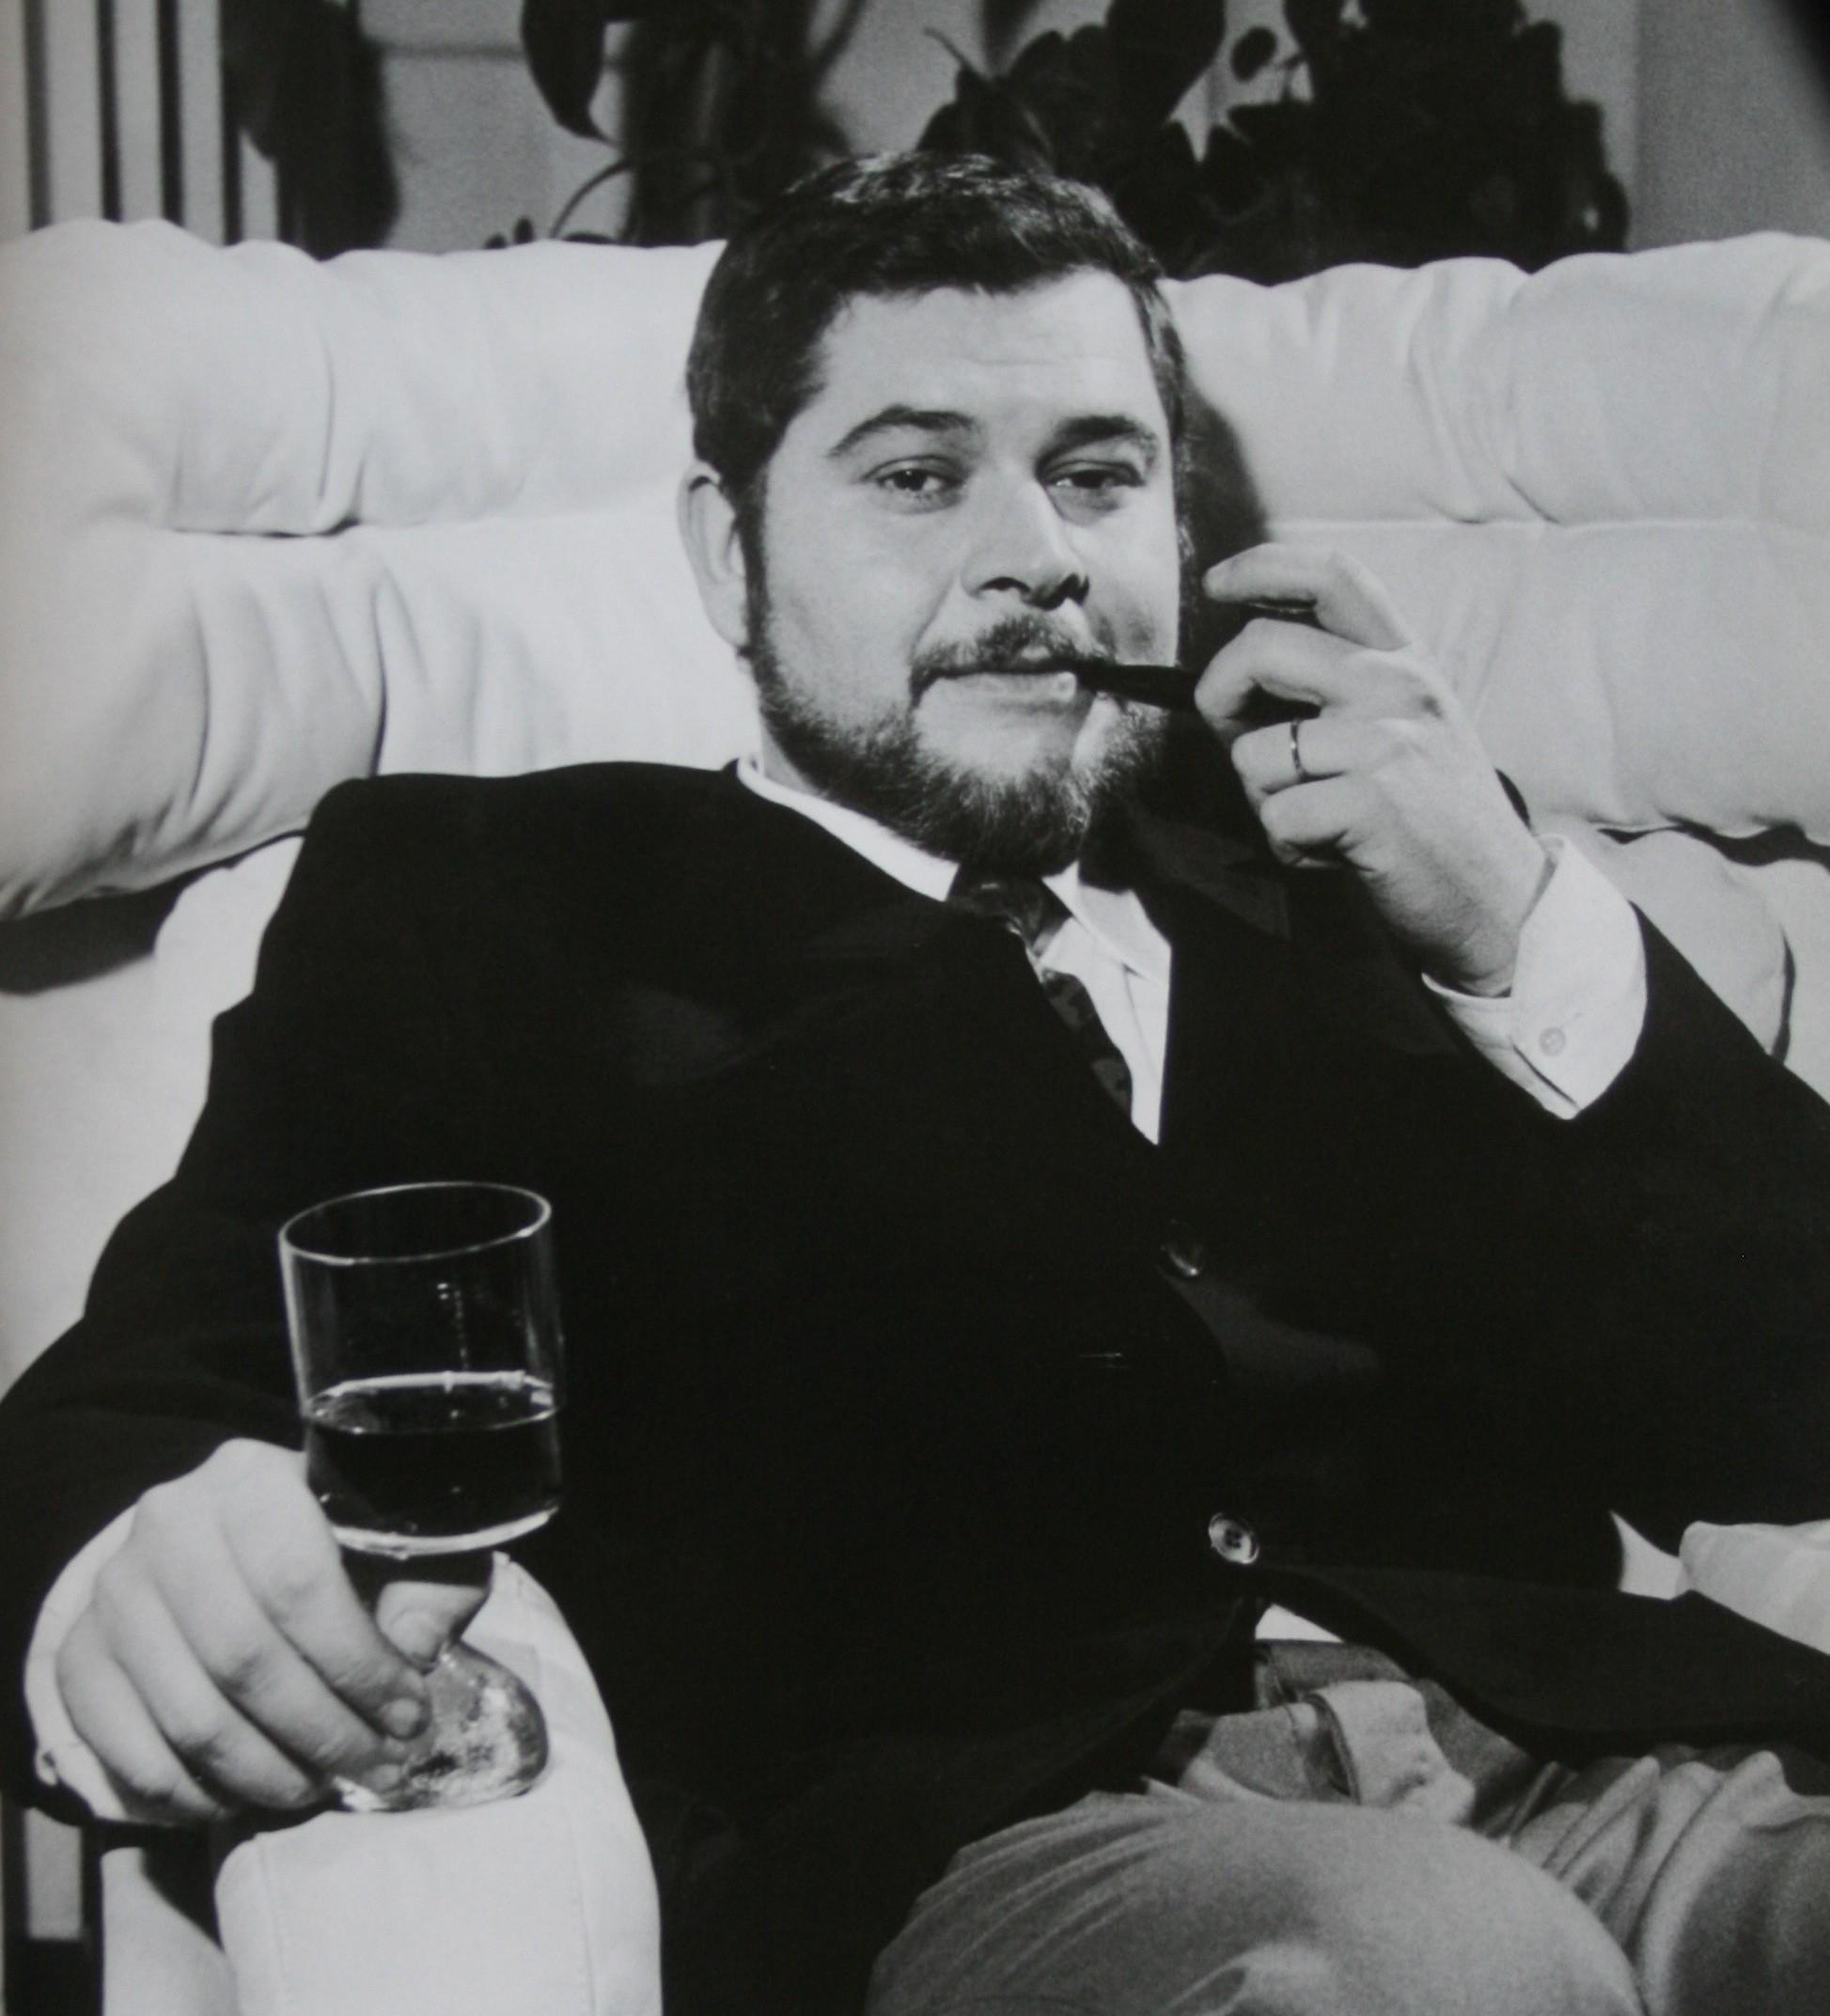 Joe Colombo (1930-1971)